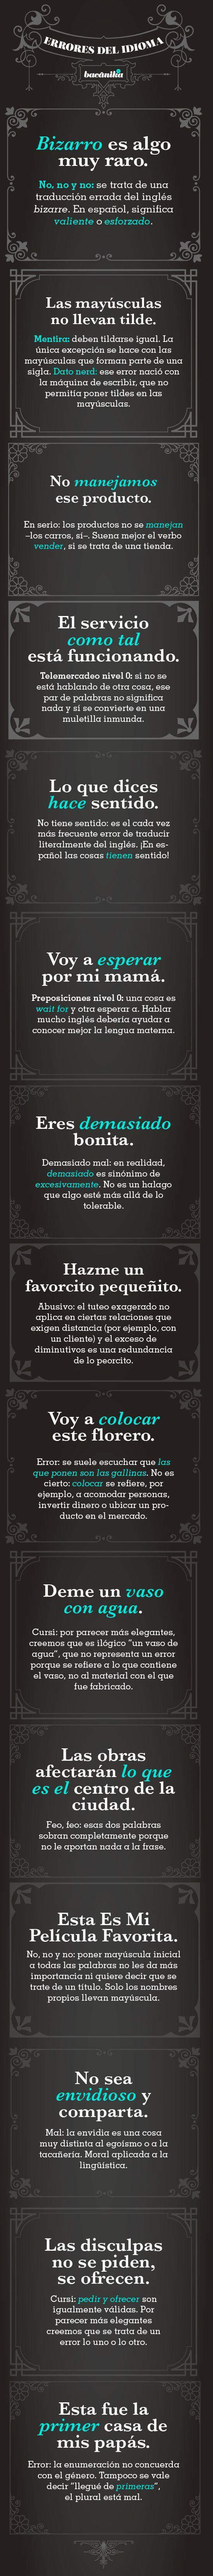 Mitos de la lengua española 2 by Bacanika